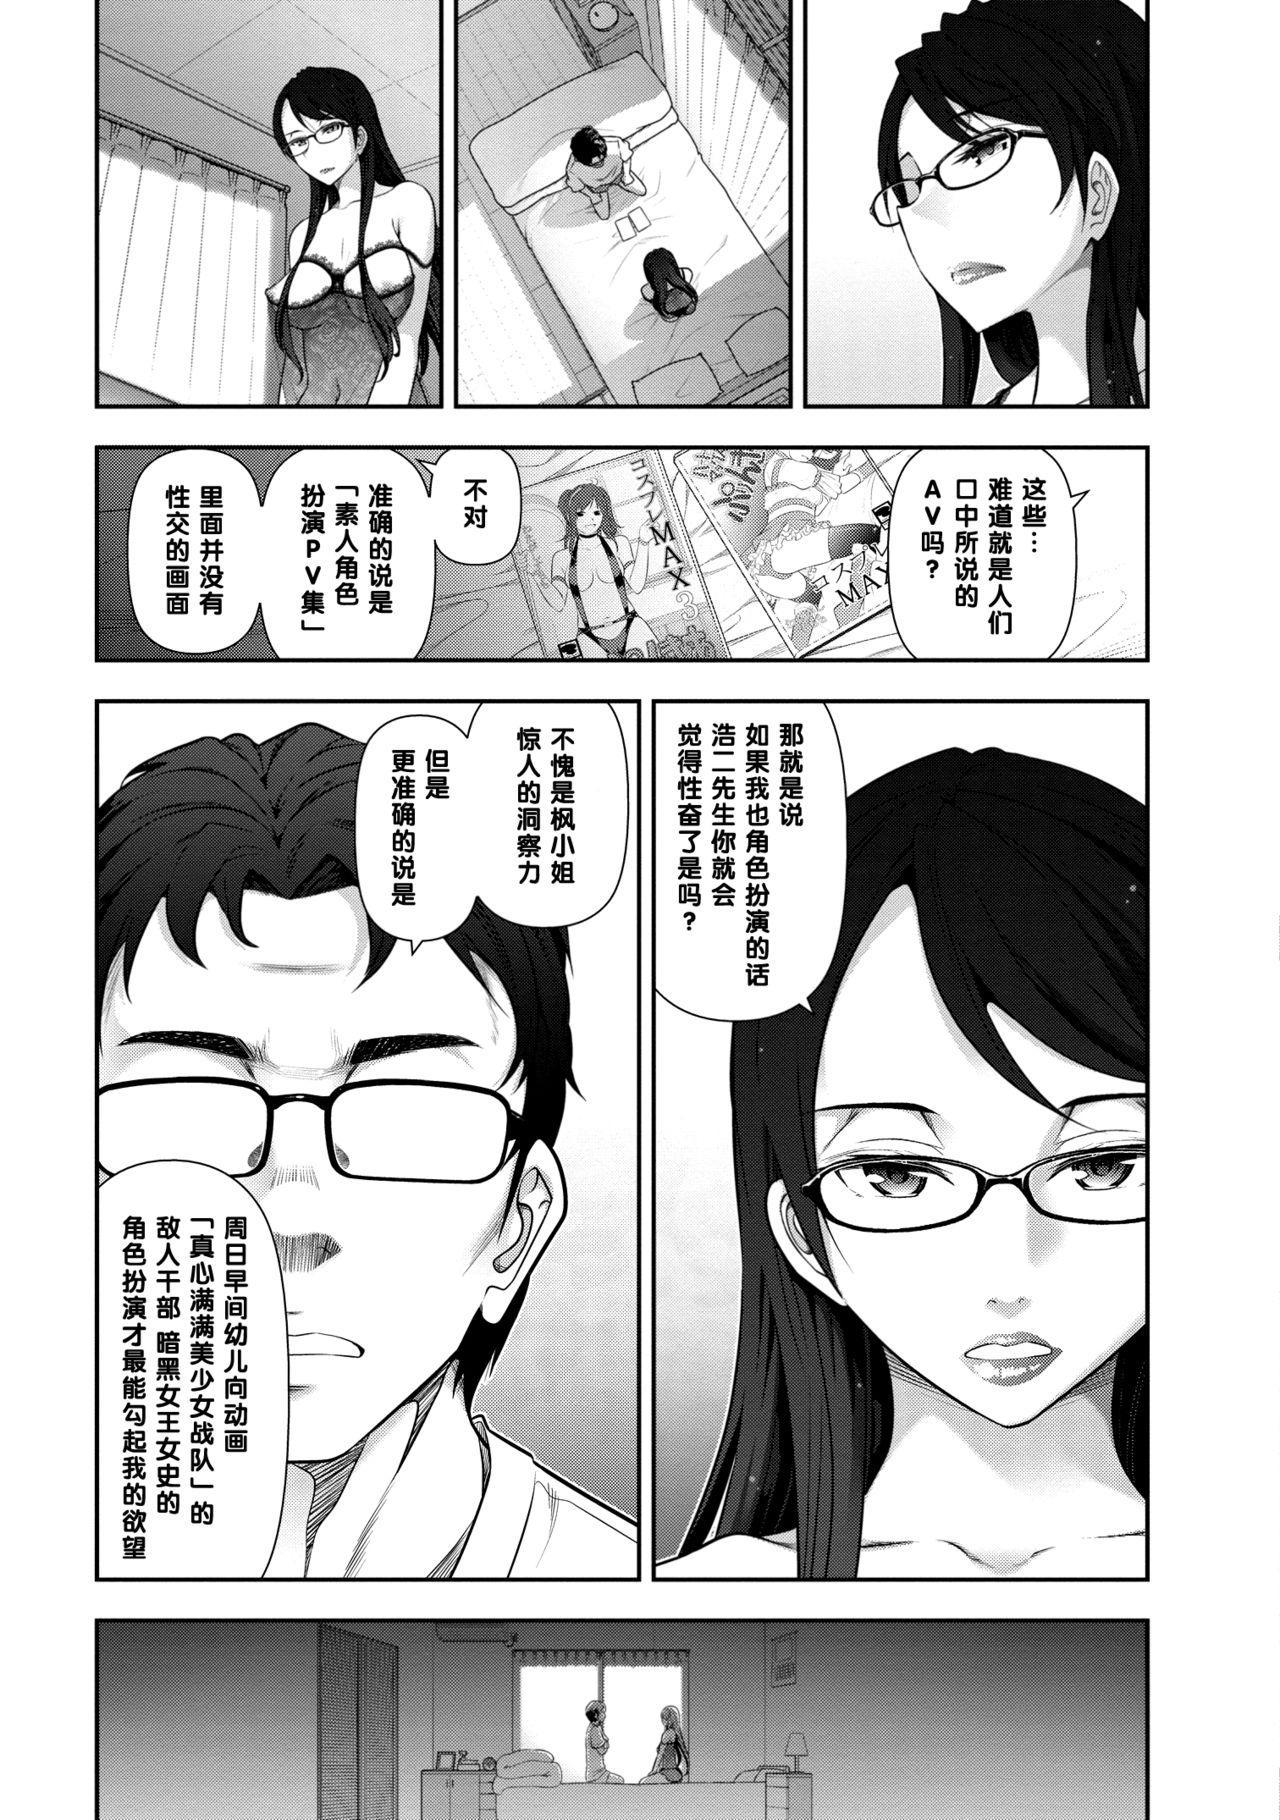 布川楓さん(30歳)の場合①(Chinese) 4